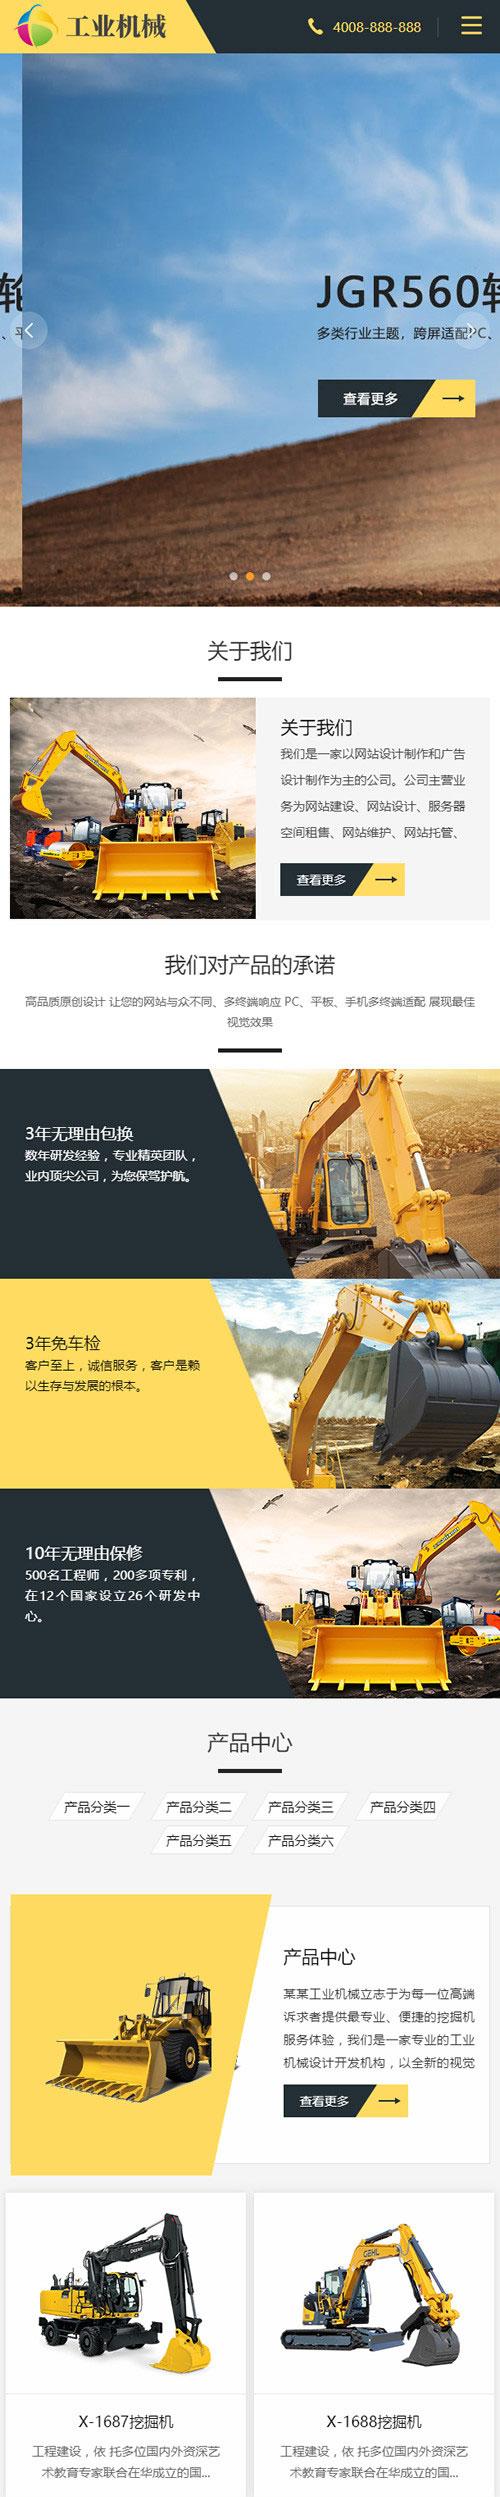 织梦模版:响应式推土机挖掘机工业机械公司网站模板 手机自适应